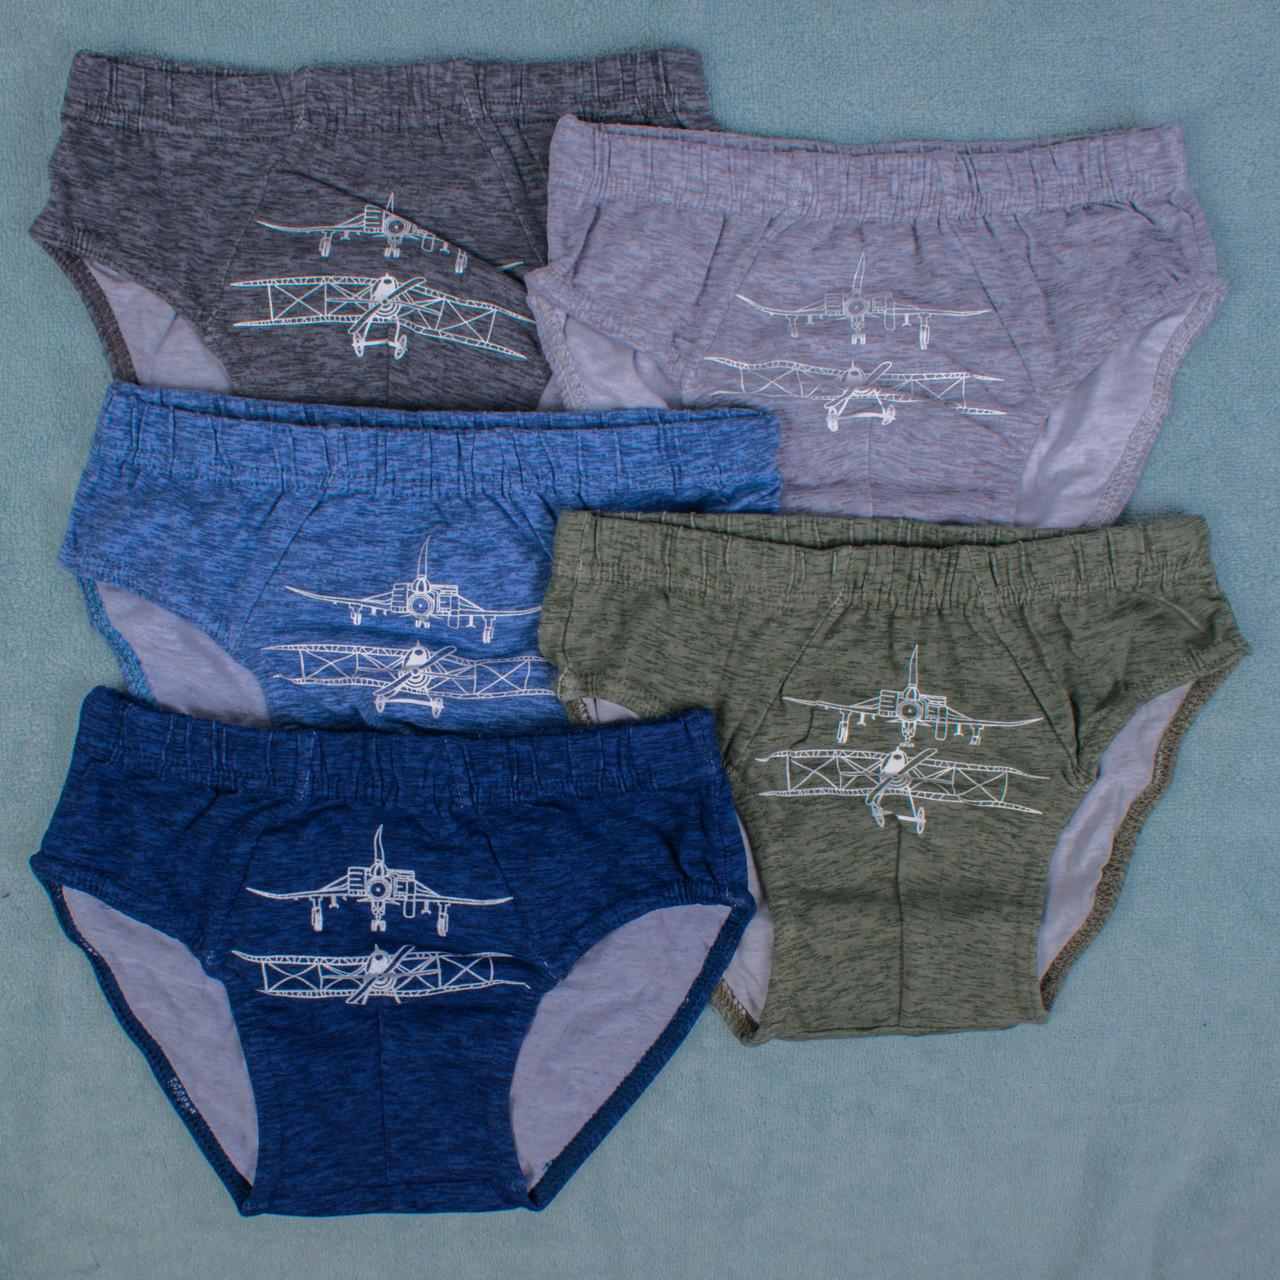 Детские плавки для мальчика Турция. Donella 76432FU. Размер на 6-7 лет